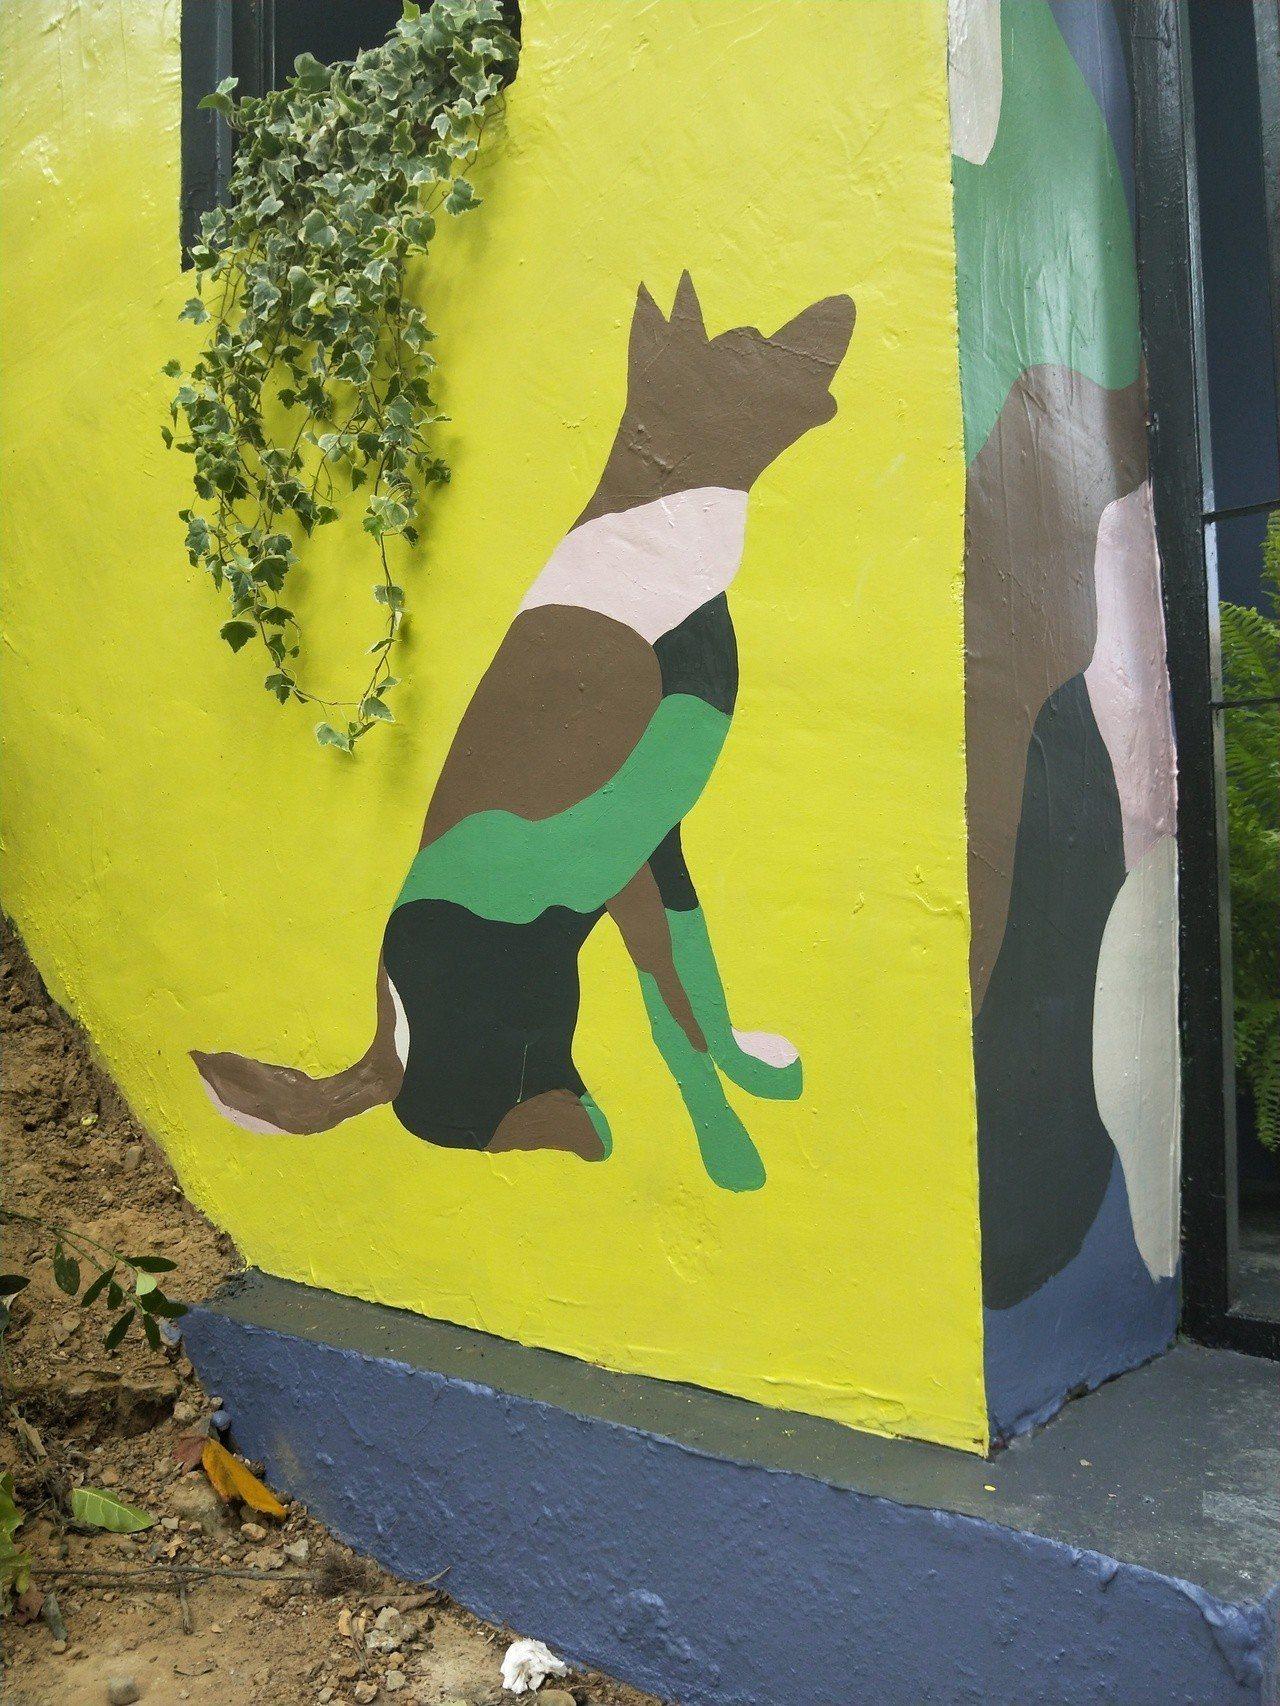 入口處有兩個軍犬的墓碑,讓民眾很好奇,北觀處說,要原味重現,歡迎民眾來了解「士官...